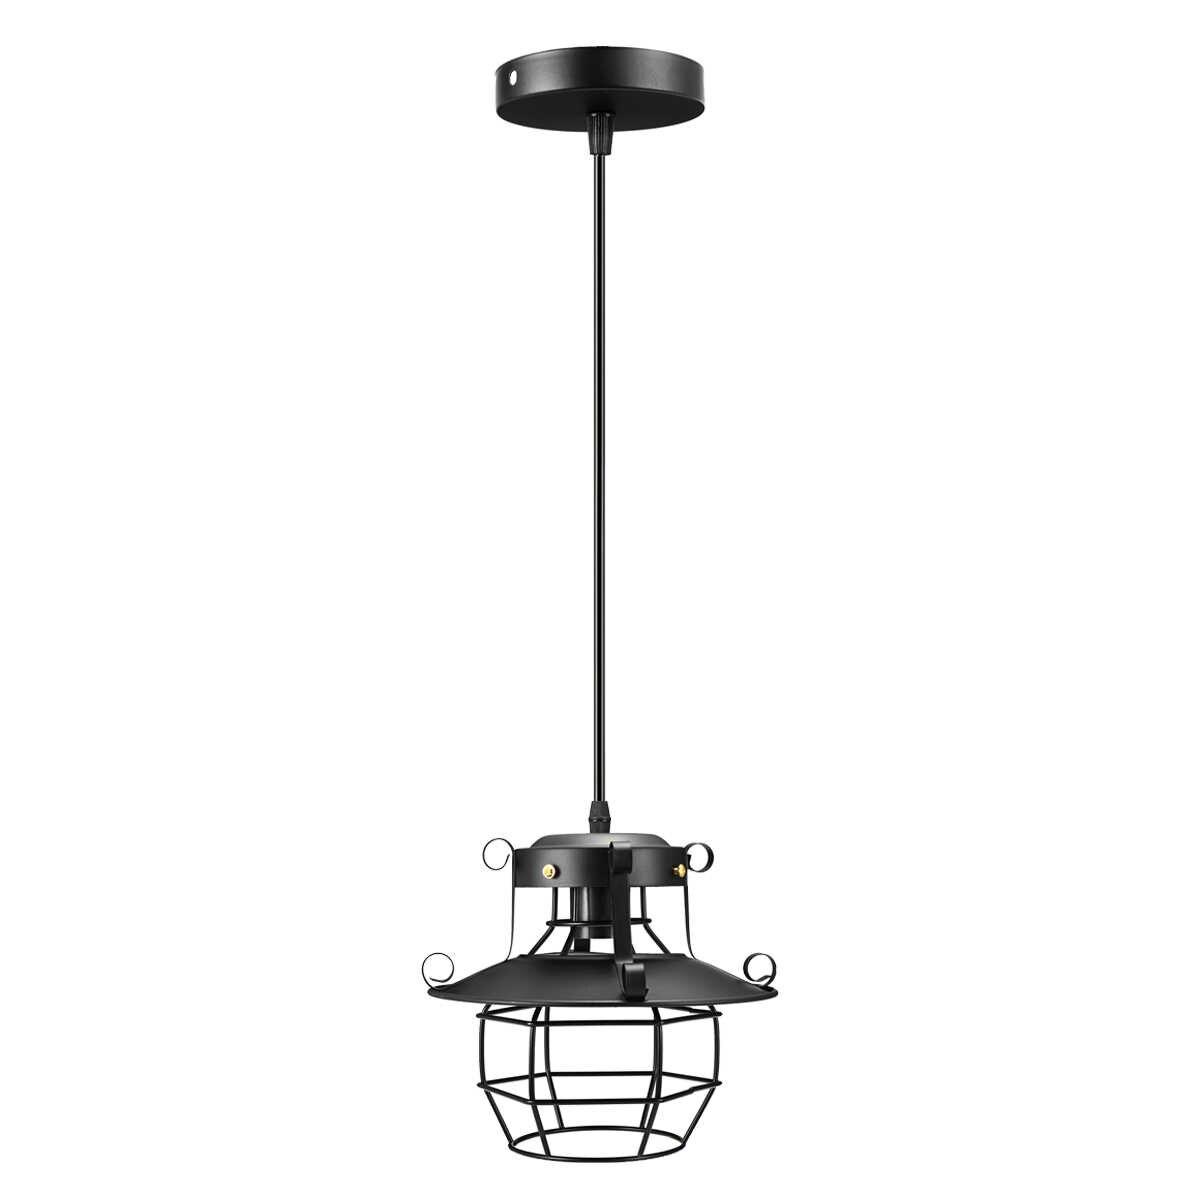 Винтажный легкий металлический приспособления для промышленного освещения клетка Эдисона скандинавского Ретро Лофт лампа домашний декор подвесной светильник